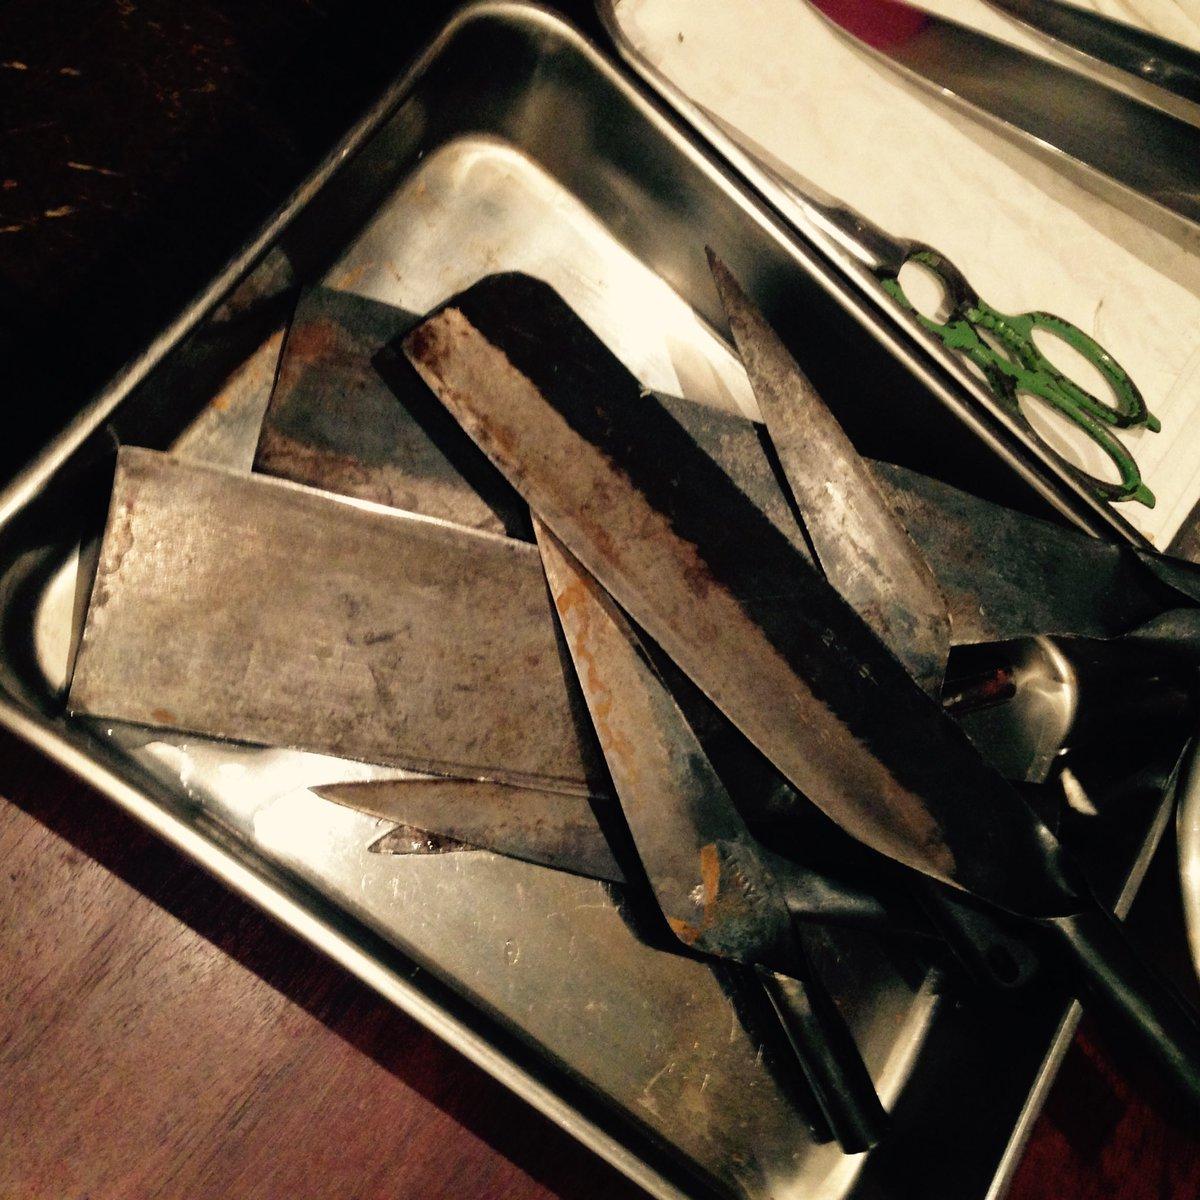 インドシナ料理ユニット「アンドシノワーズ Indochinoise」_e0152073_20152893.jpg